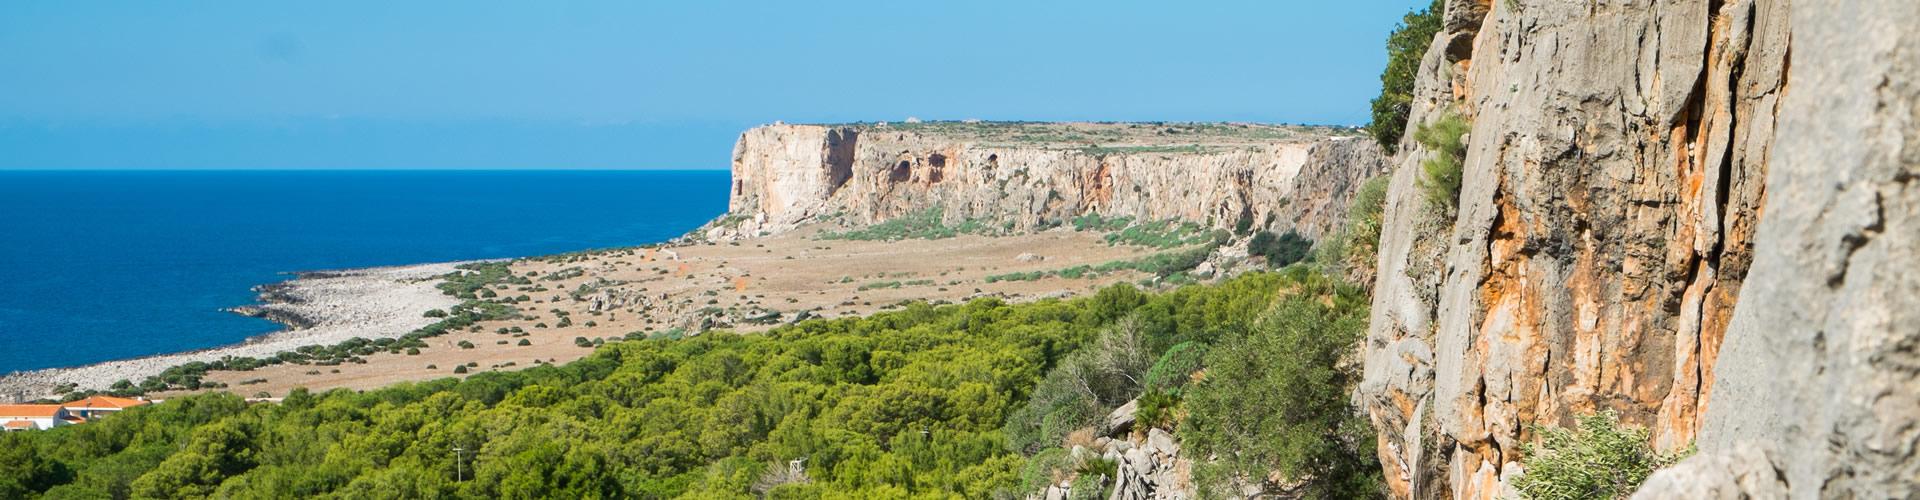 Le pareti rocciose a San Vito Lo Capo